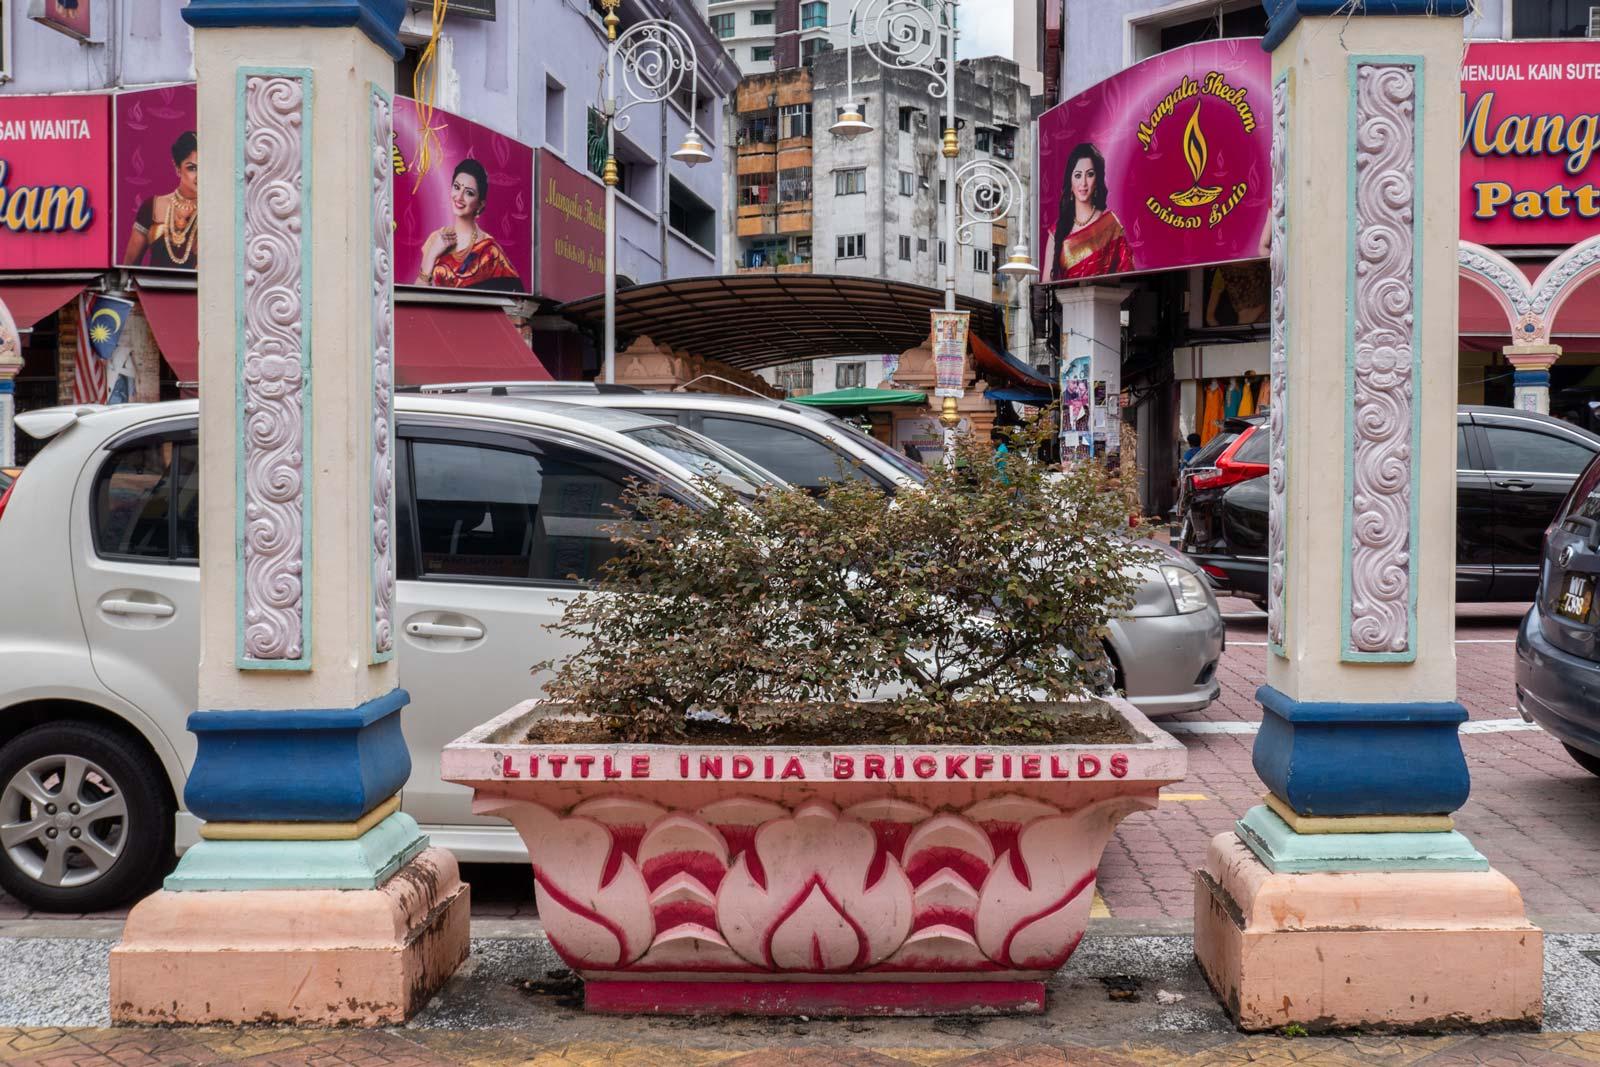 Brickfields Little India Kuala Lumpur Malaysia